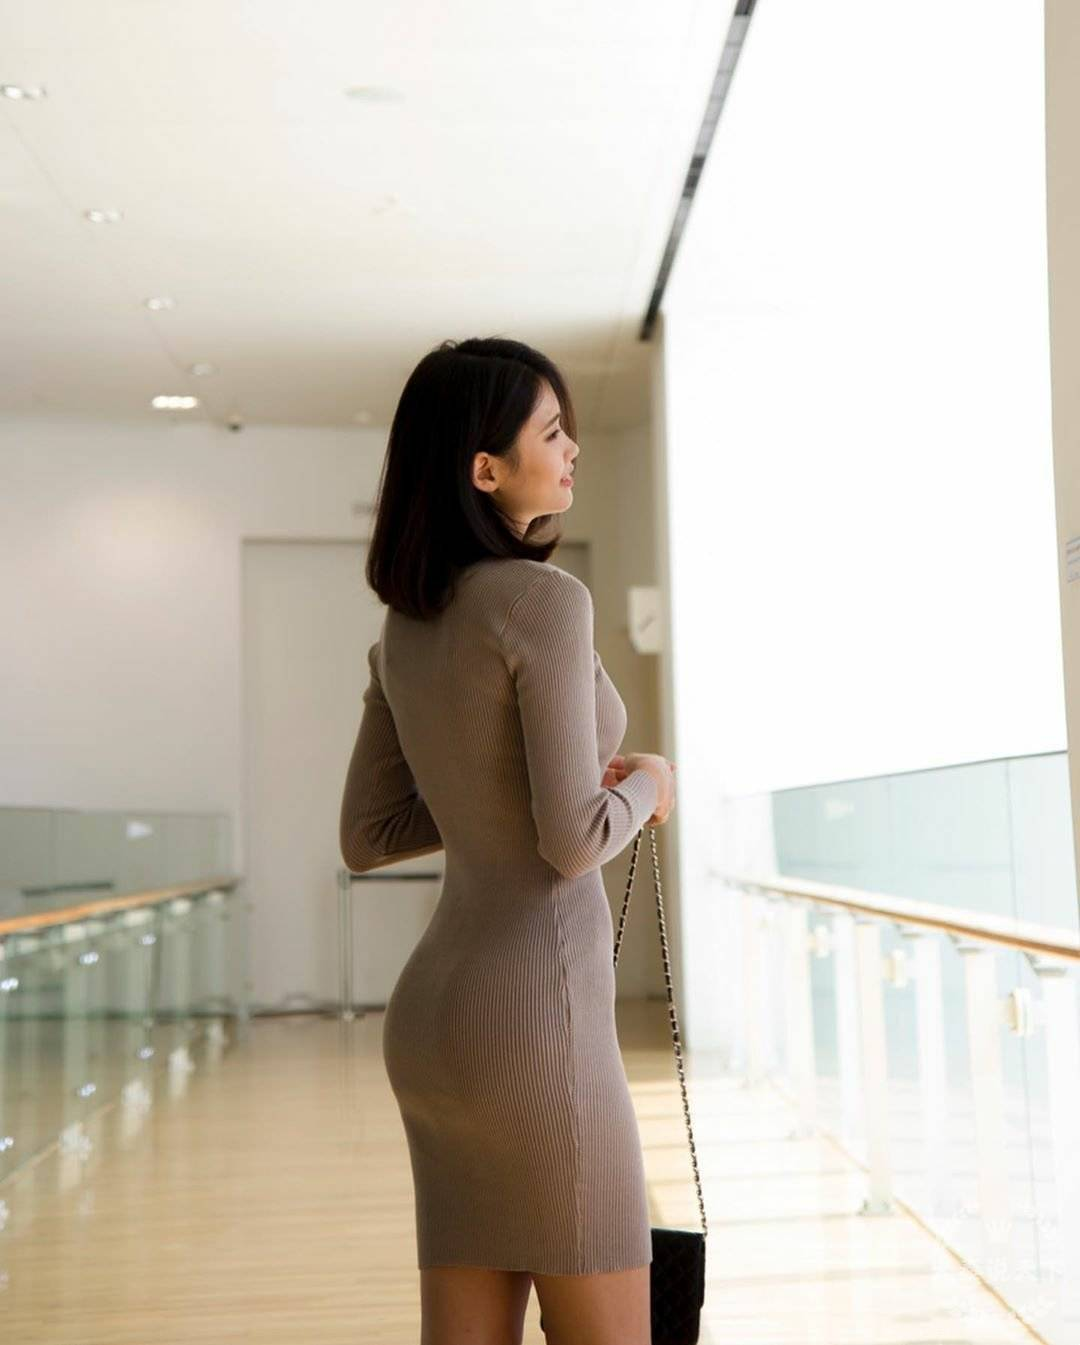 车模包臀裙呈现曼妙身材 (图8)